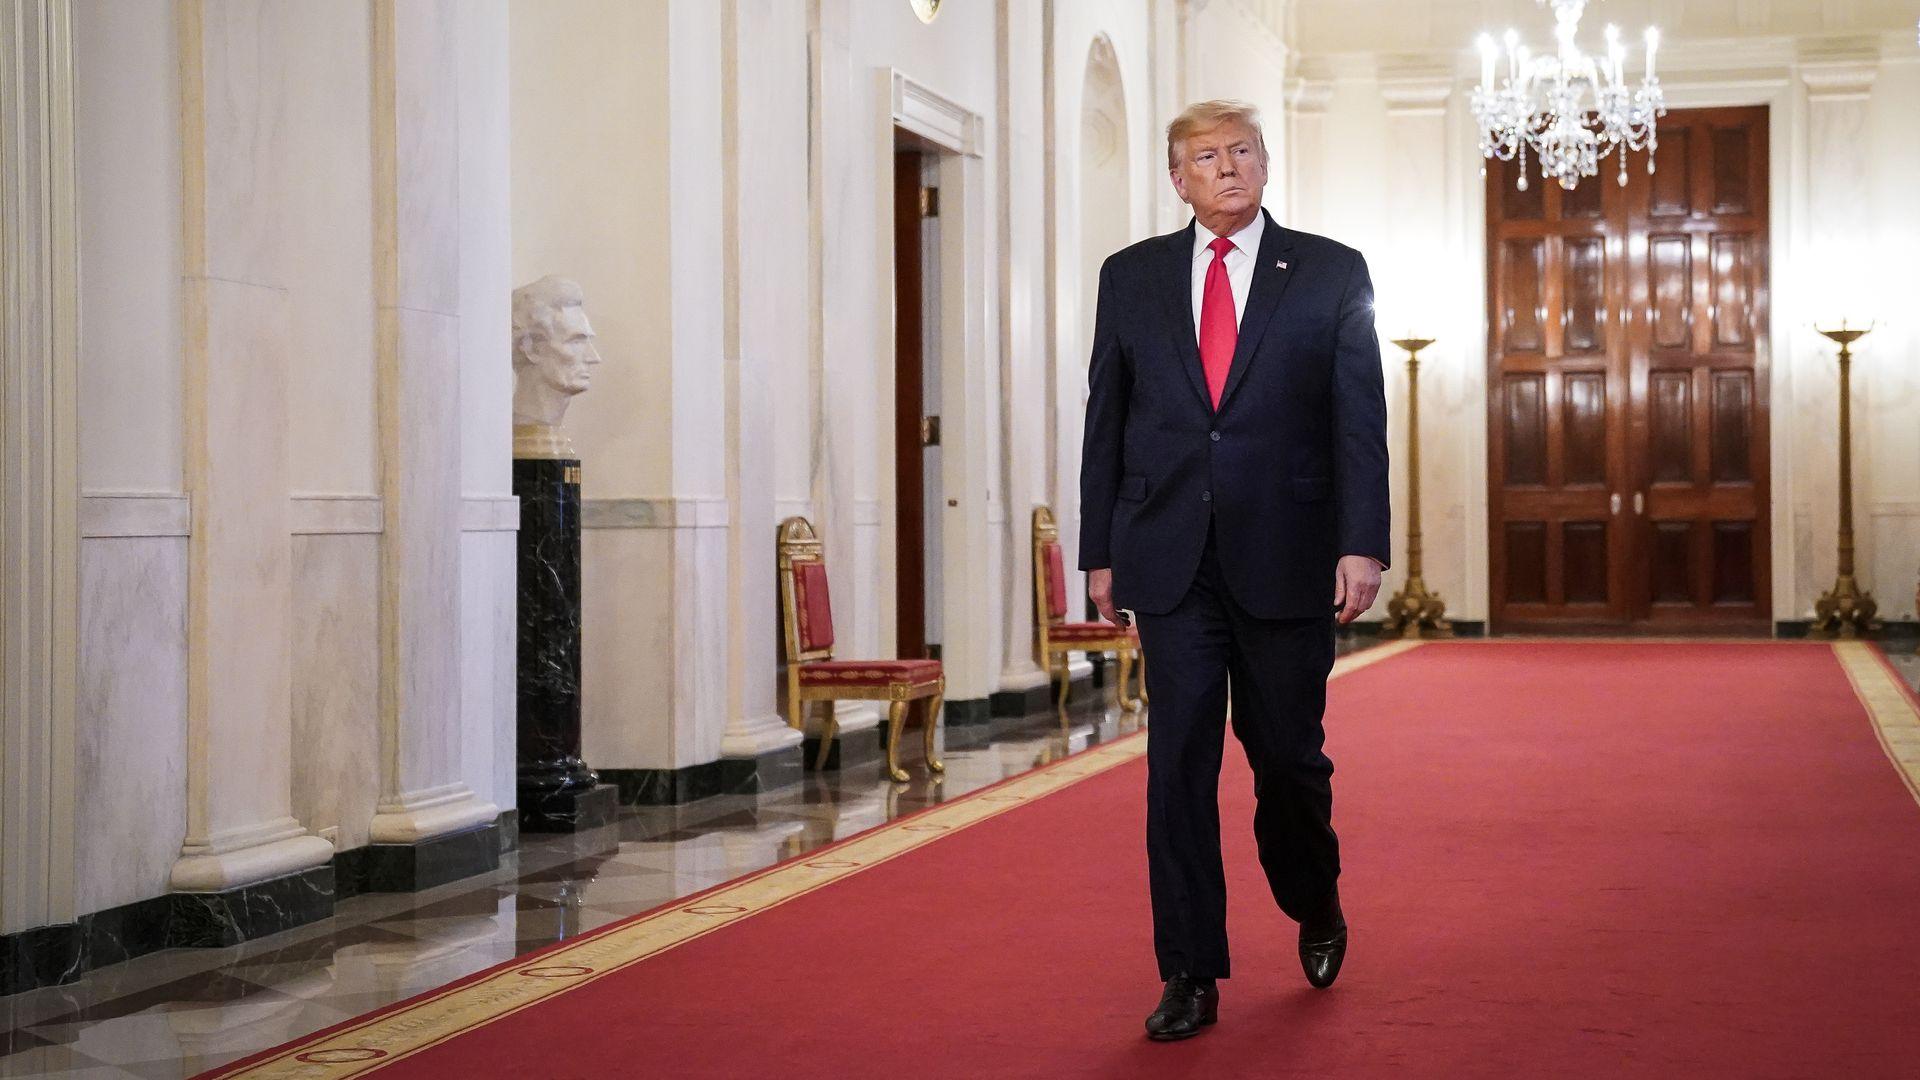 Trump walking toward the East Room